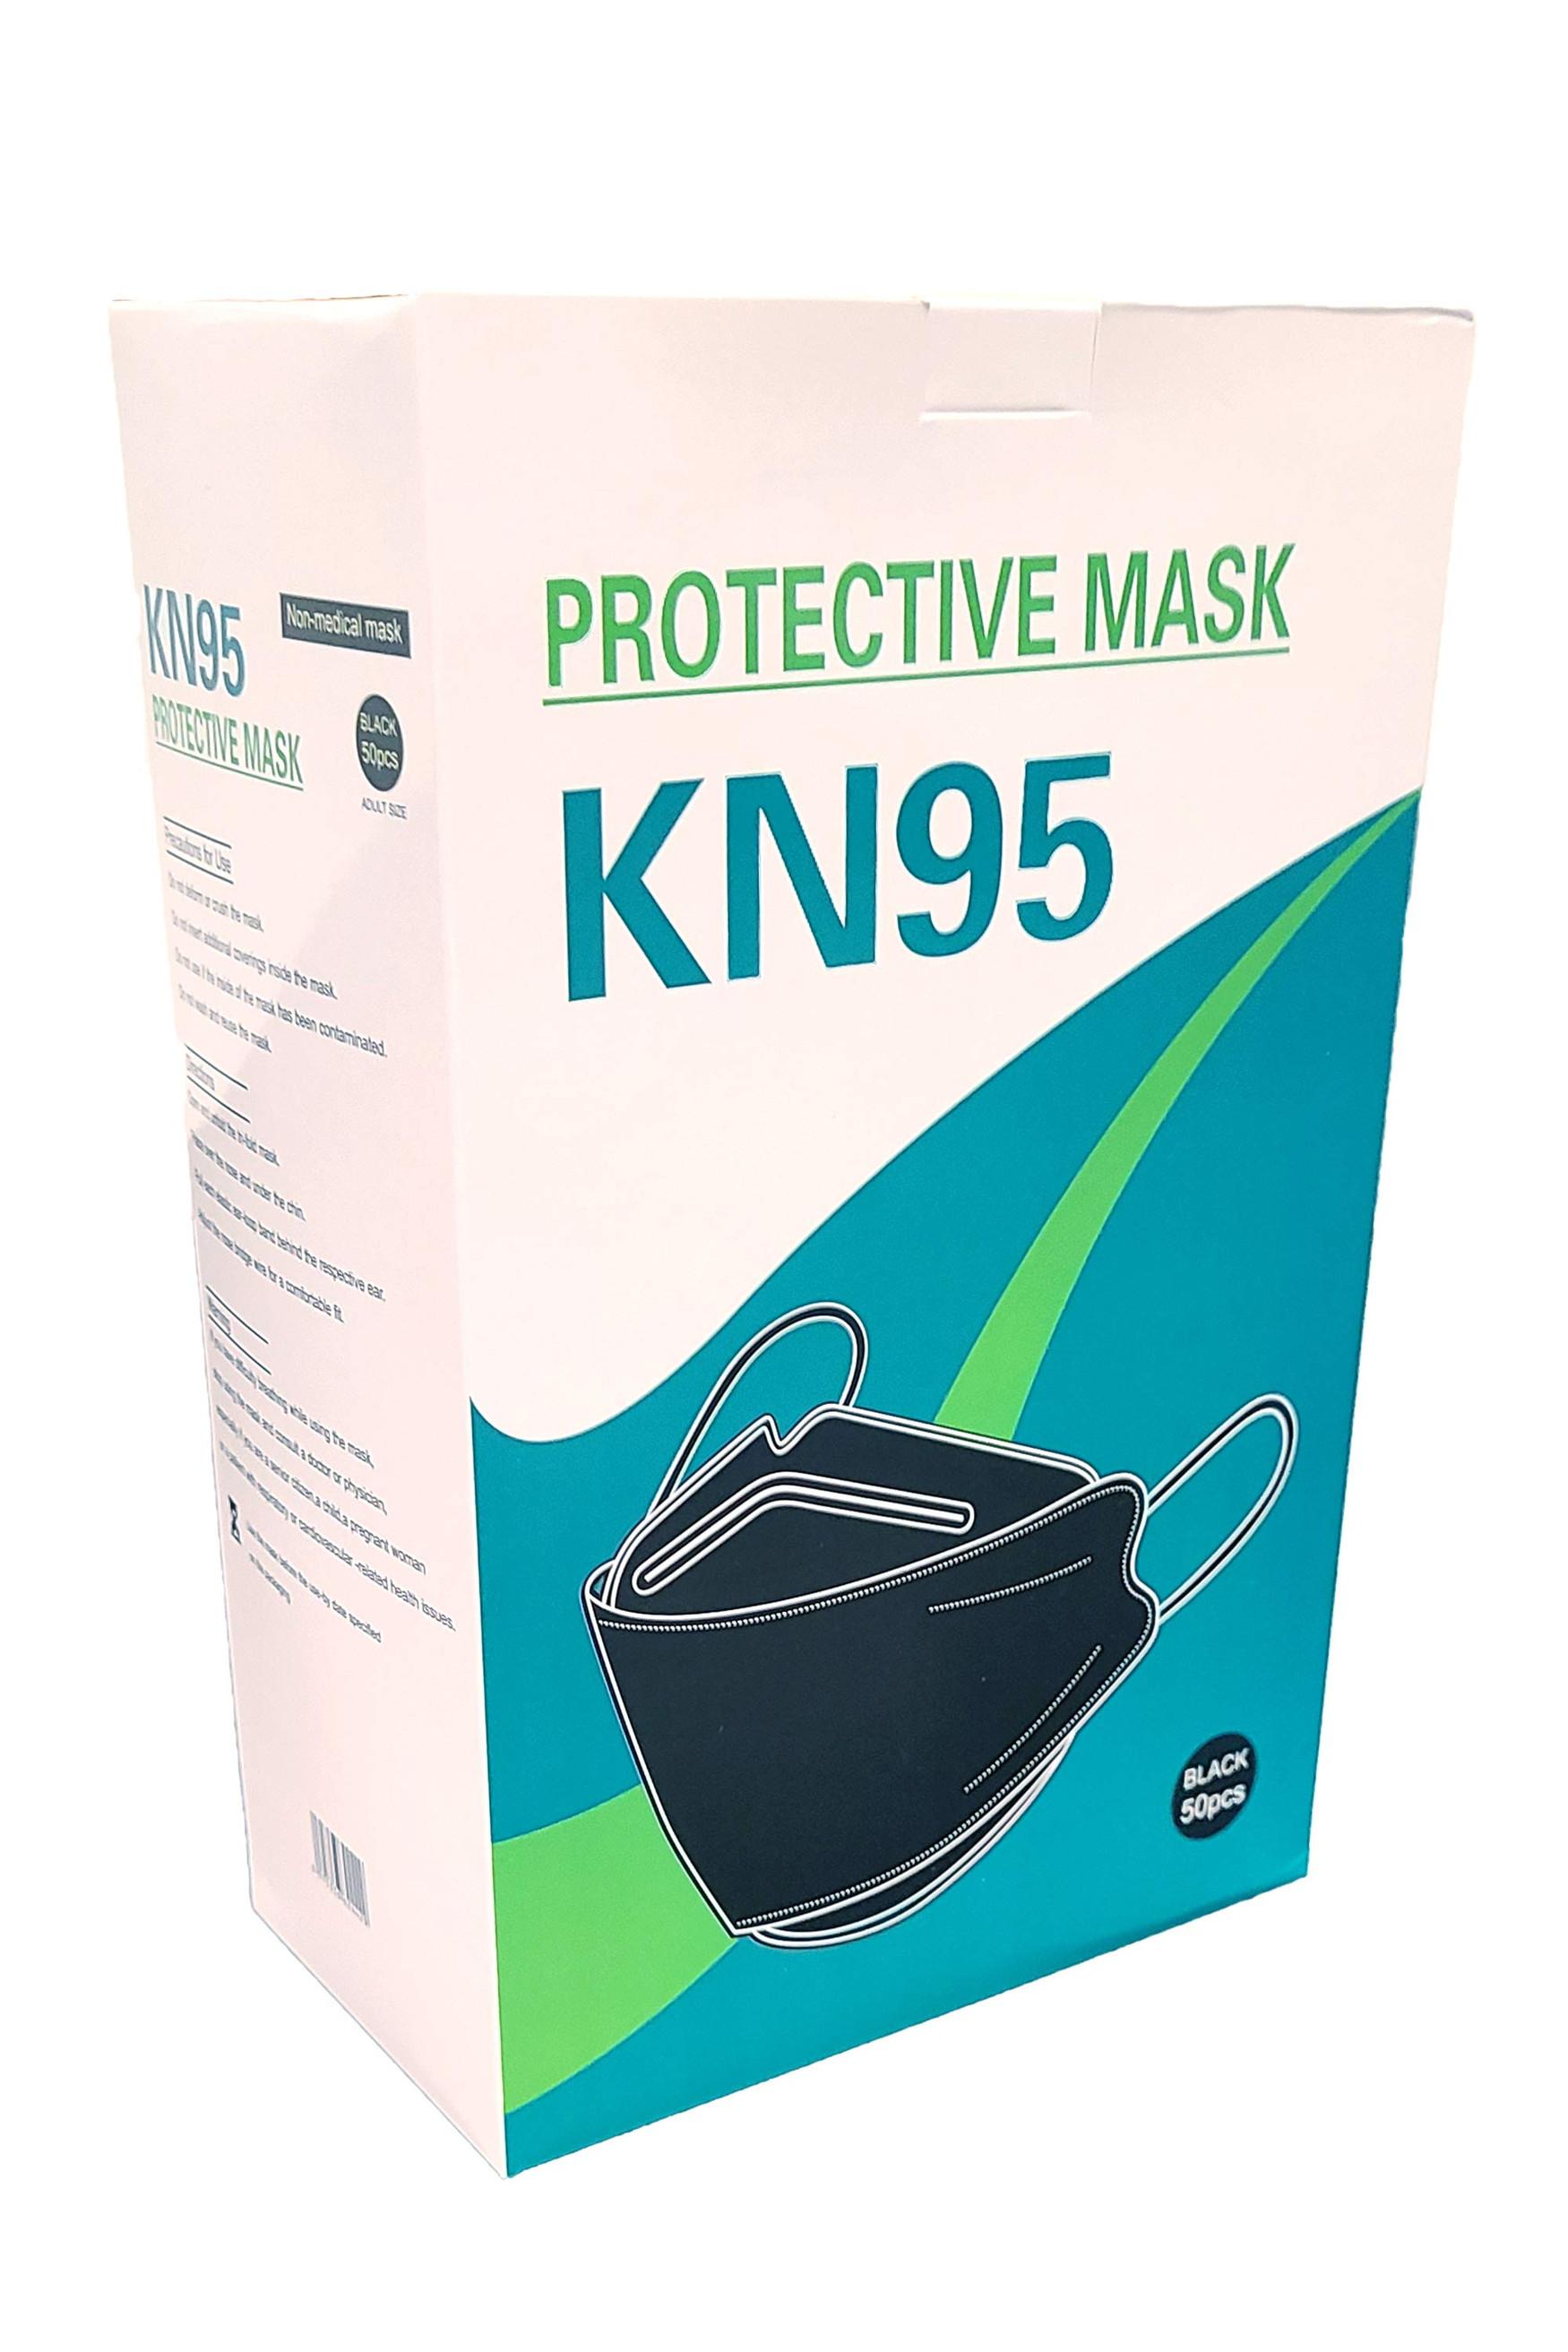 KN95 Black Face Masks - 50 Pack - Open Design